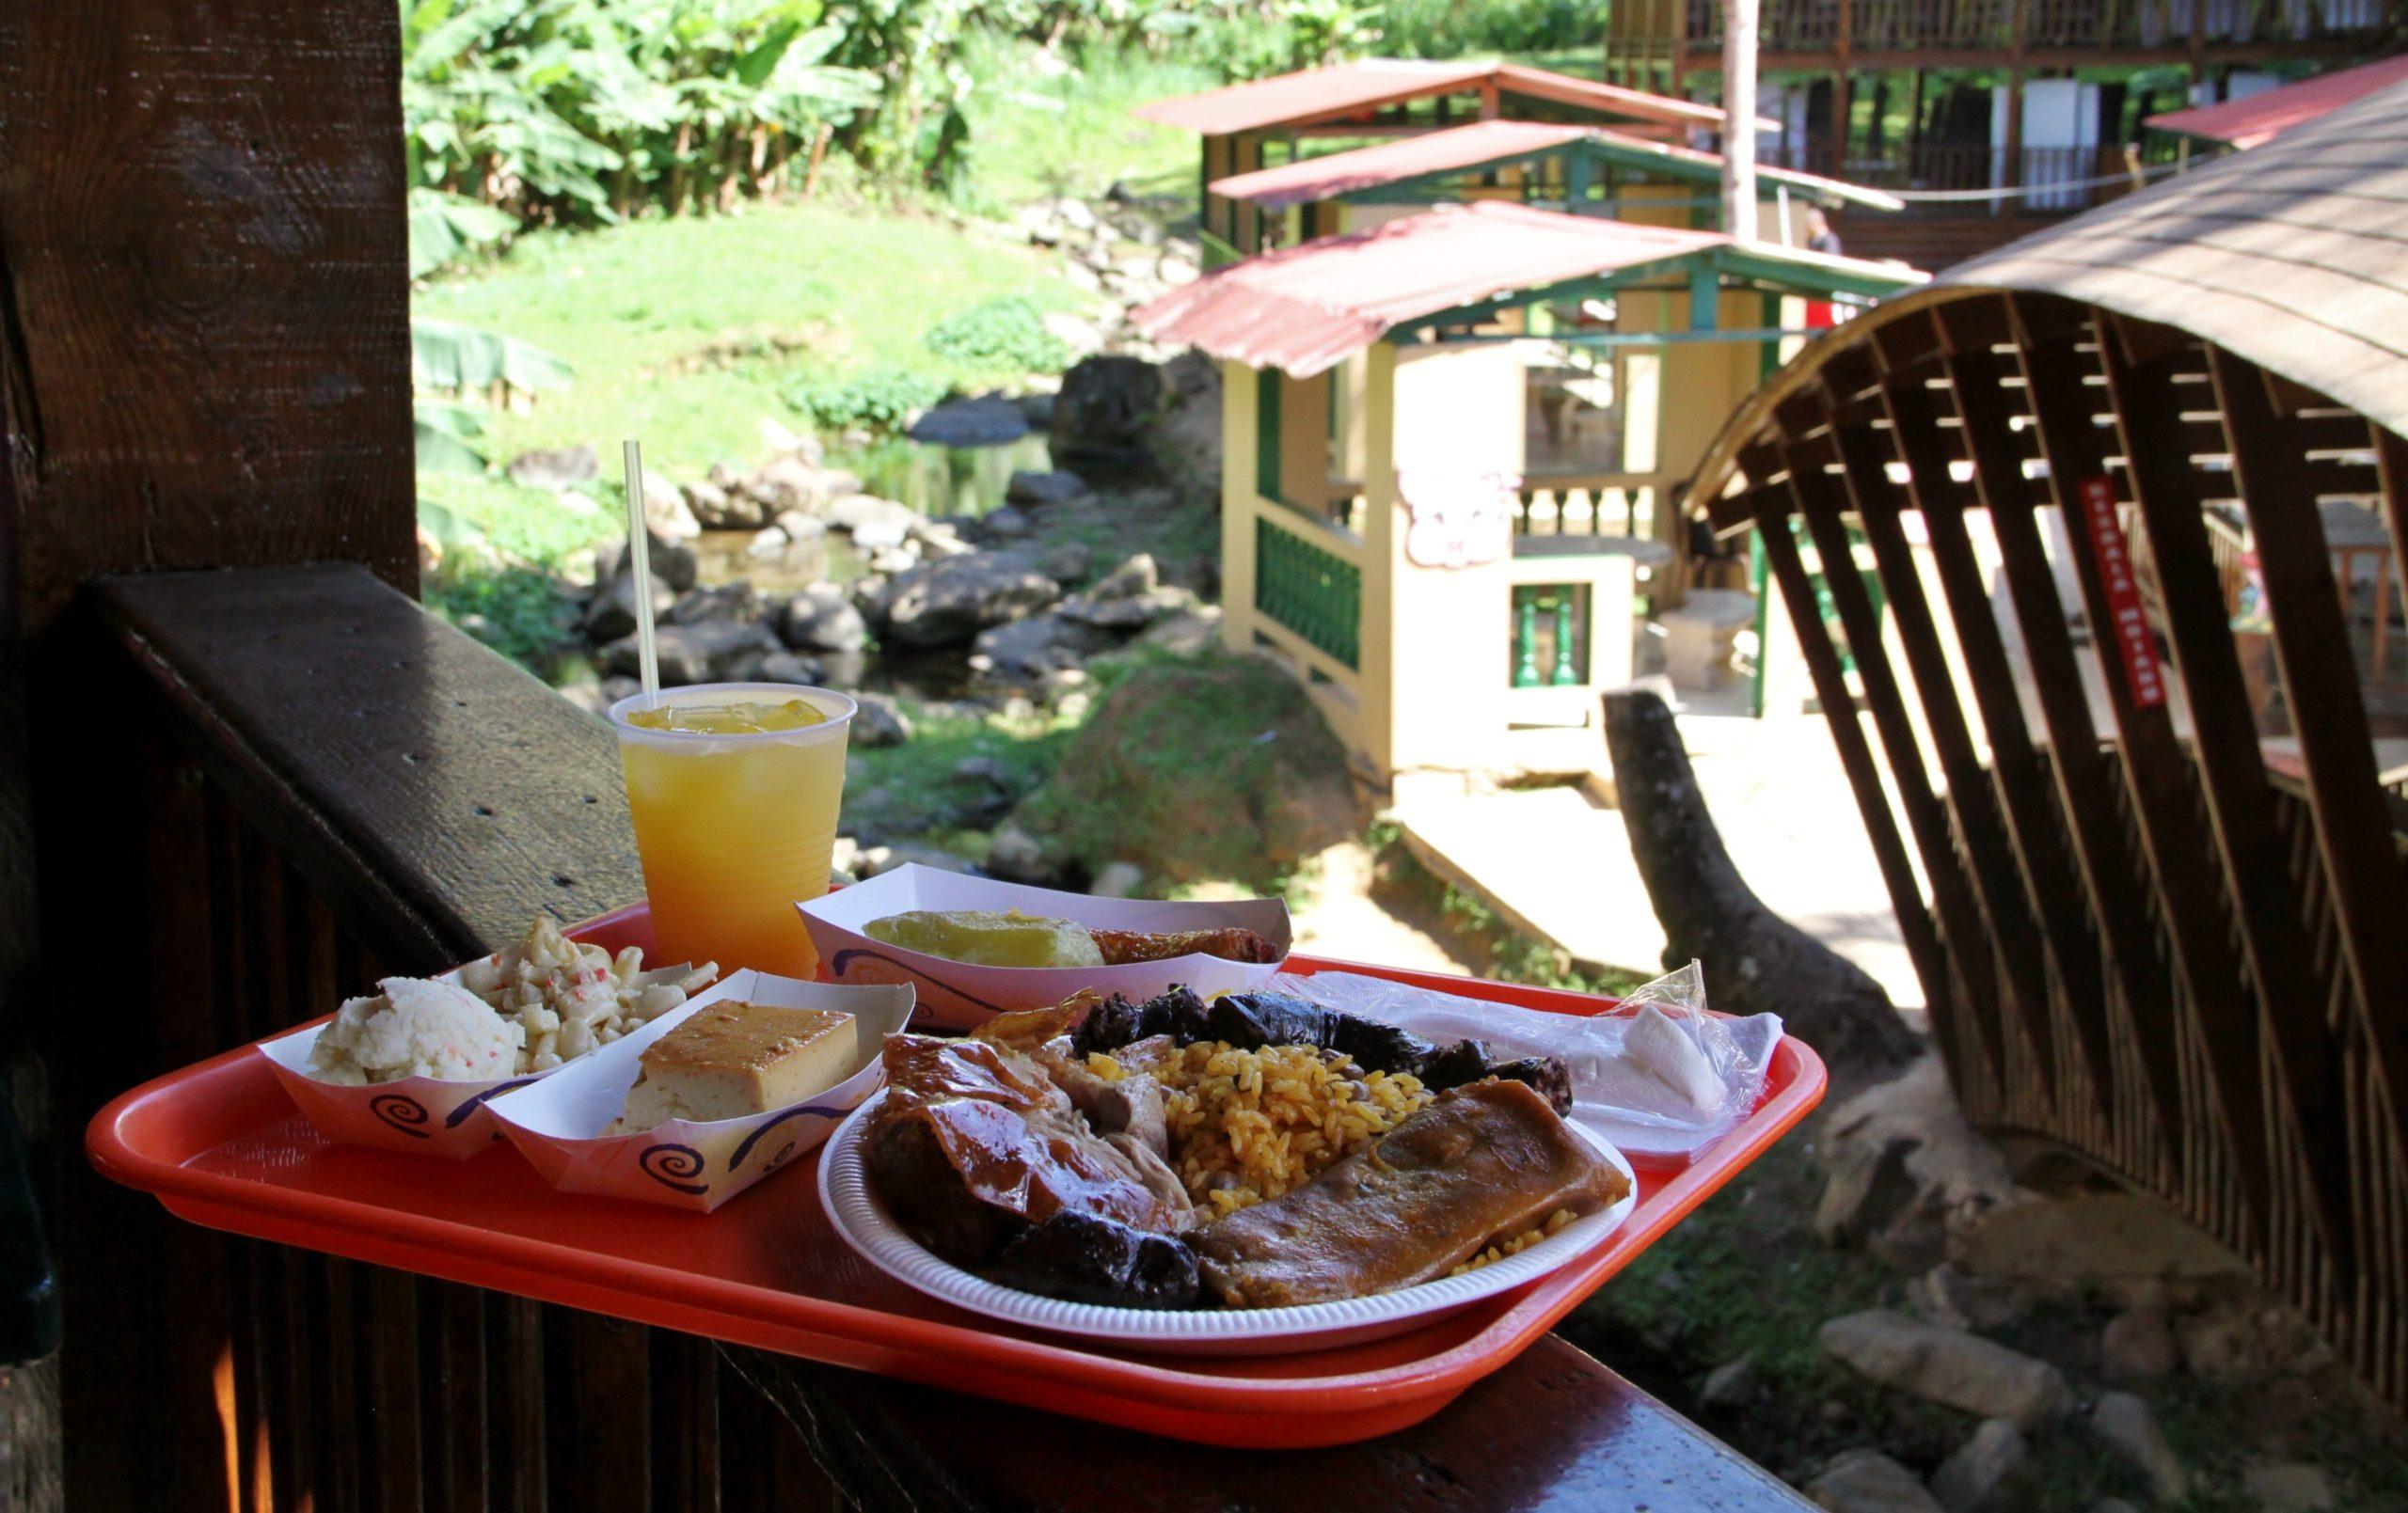 Invitan a #Guavateando en Cayey